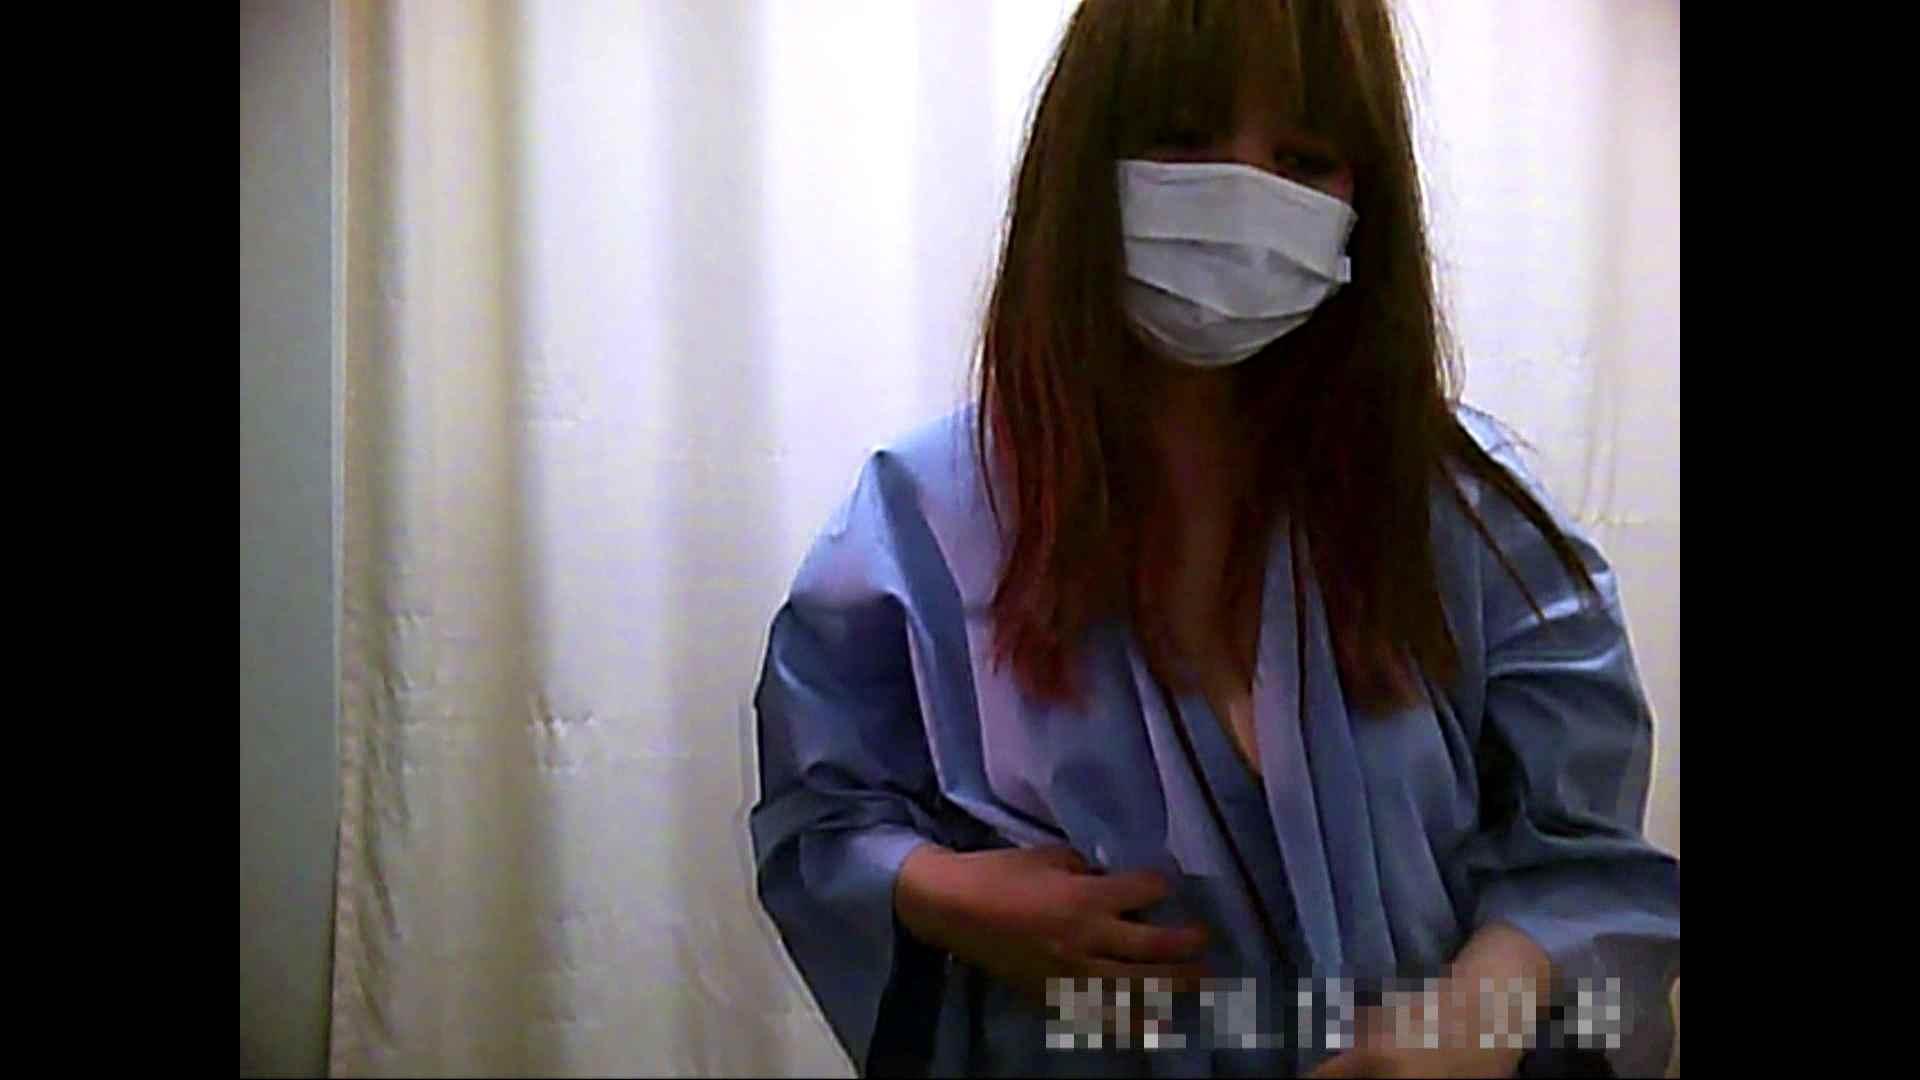 元医者による反抗 更衣室地獄絵巻 vol.061 OLハメ撮り  91Pix 7